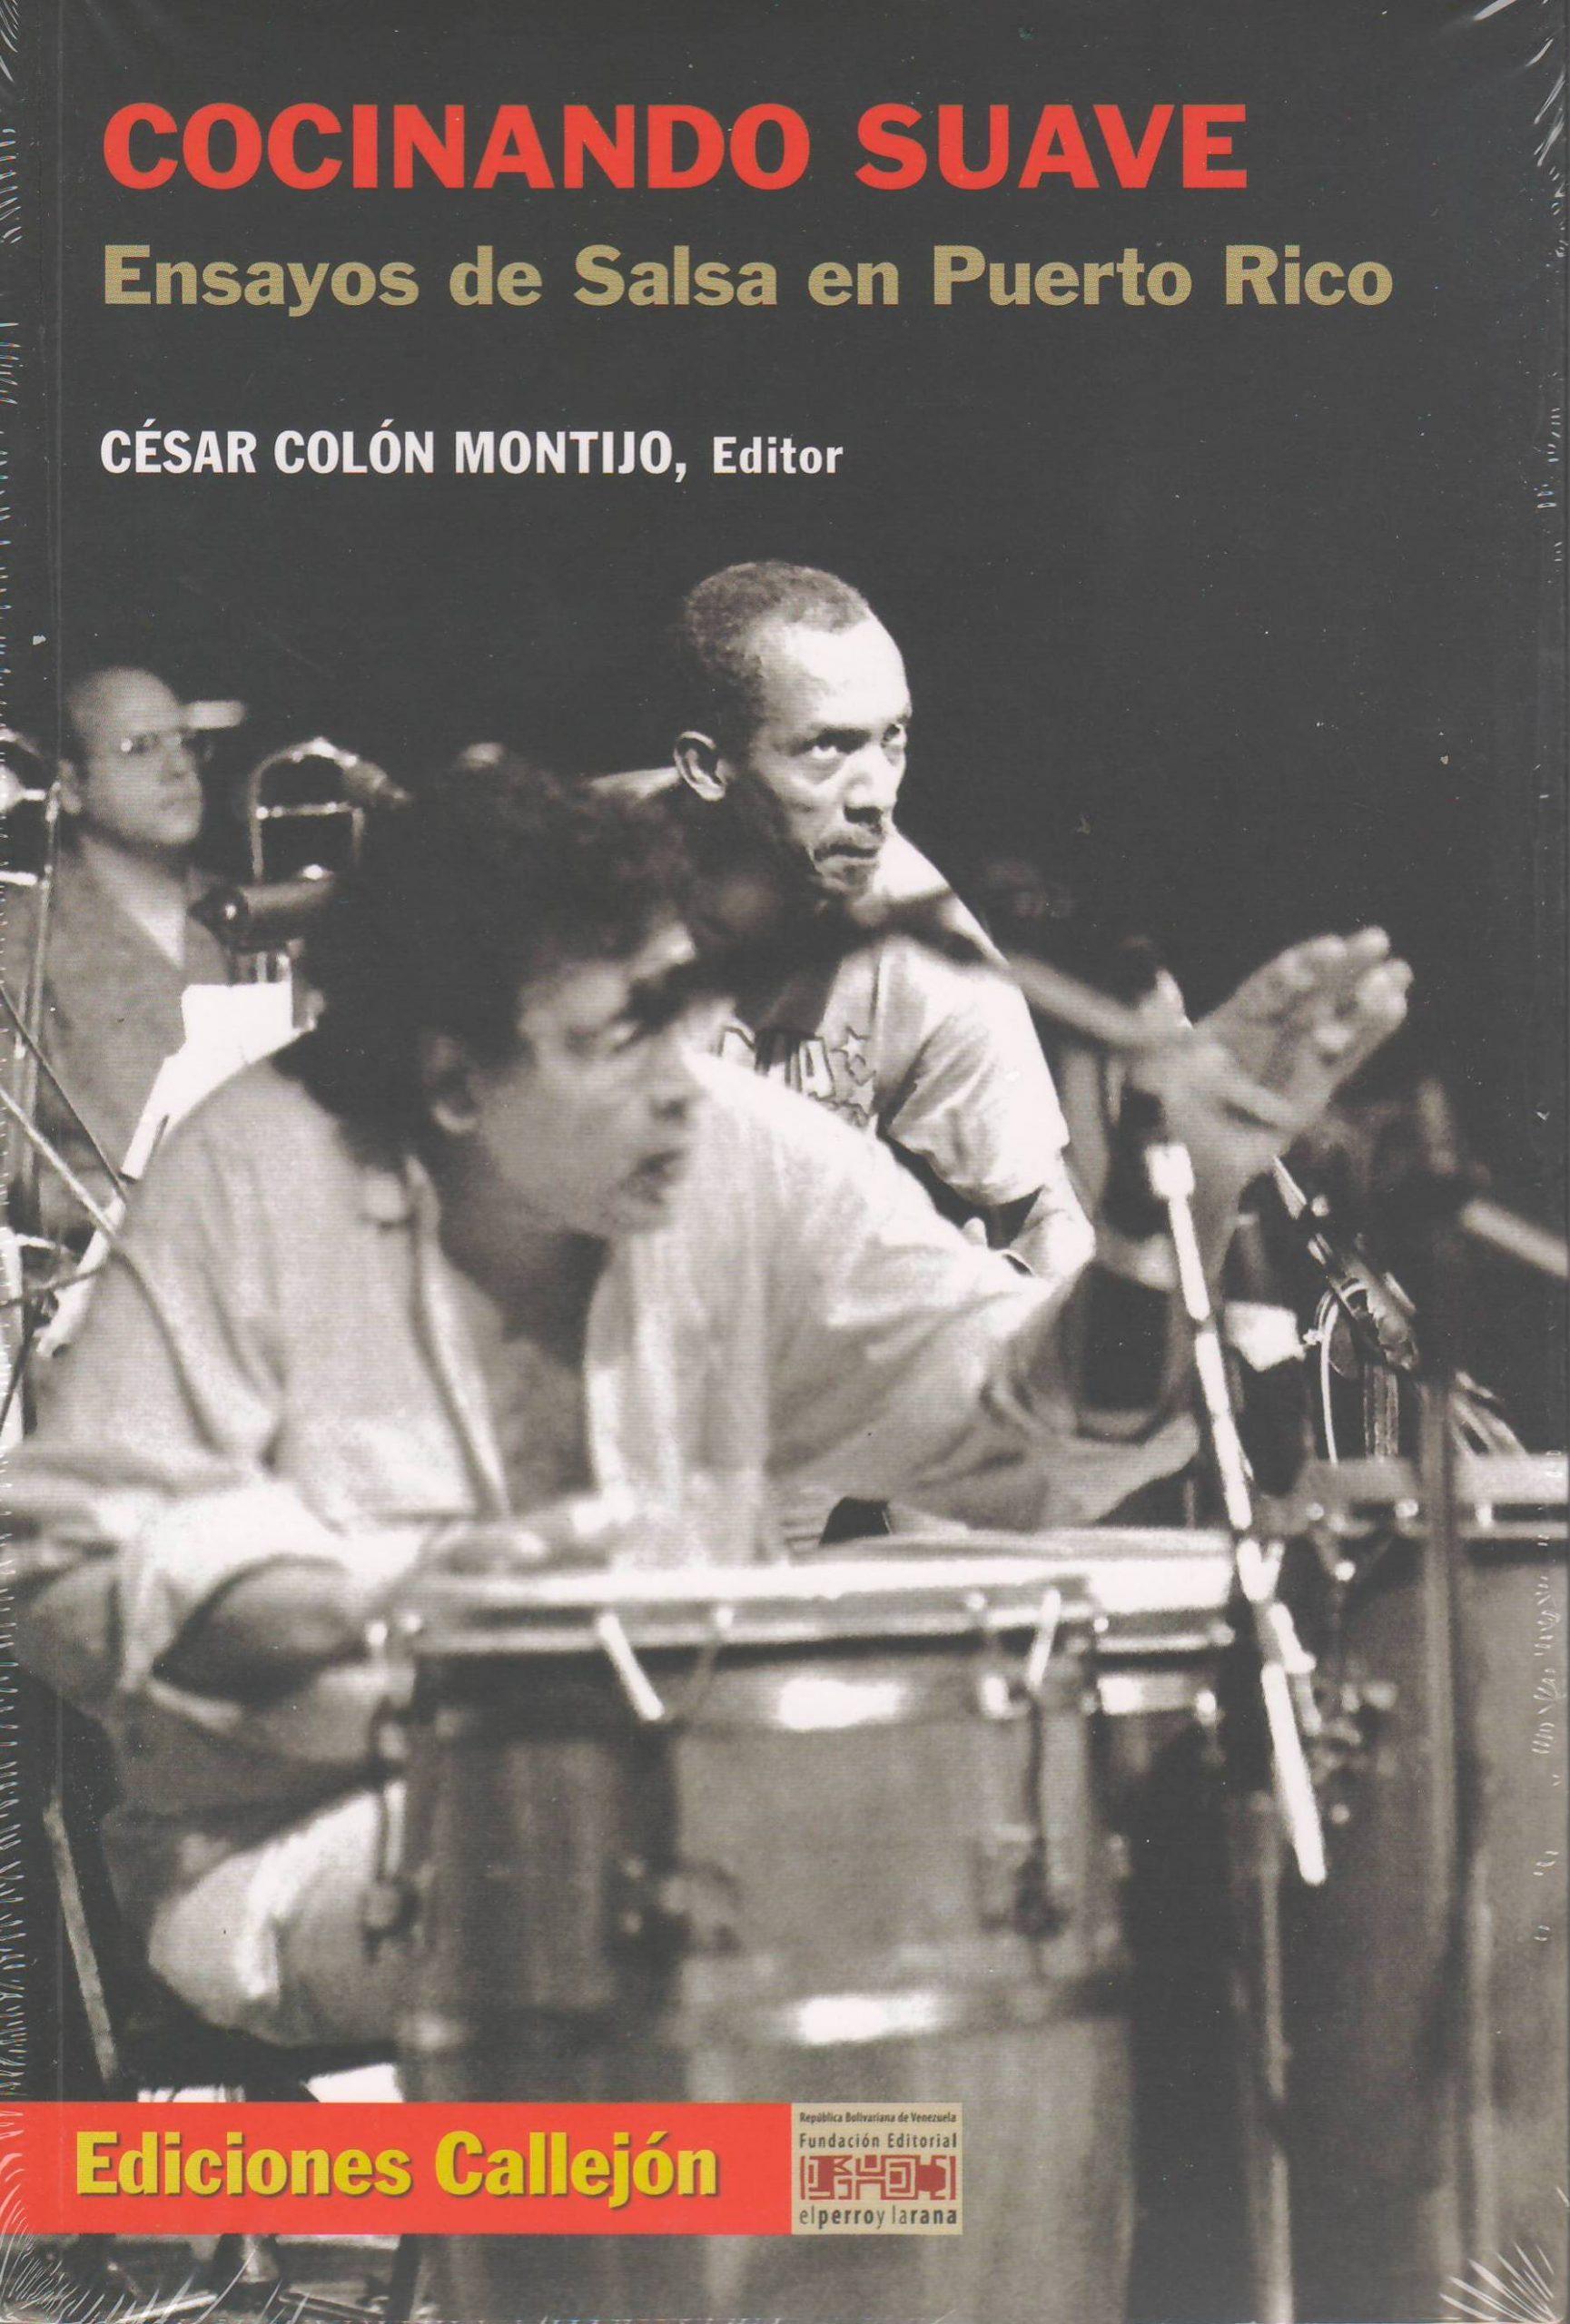 """'Cocinando suave"""" acaba de ser editado en Puerto Rico por César Colón Montijo para Ediciones Callejón."""